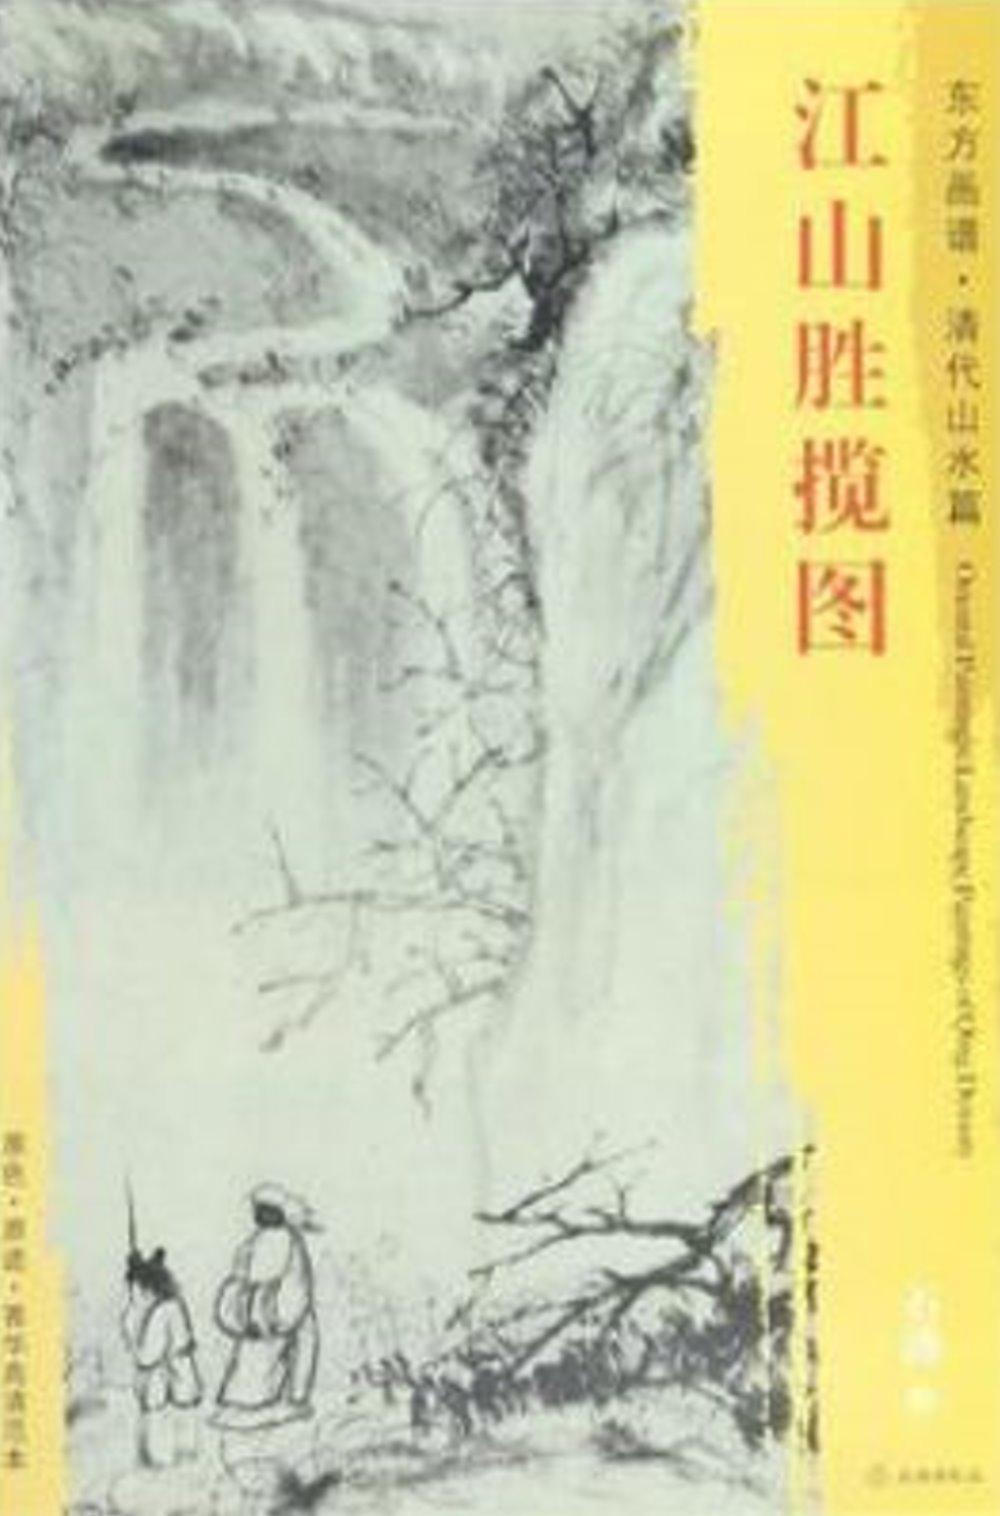 東方畫譜·清代山水篇·江山勝攬圖